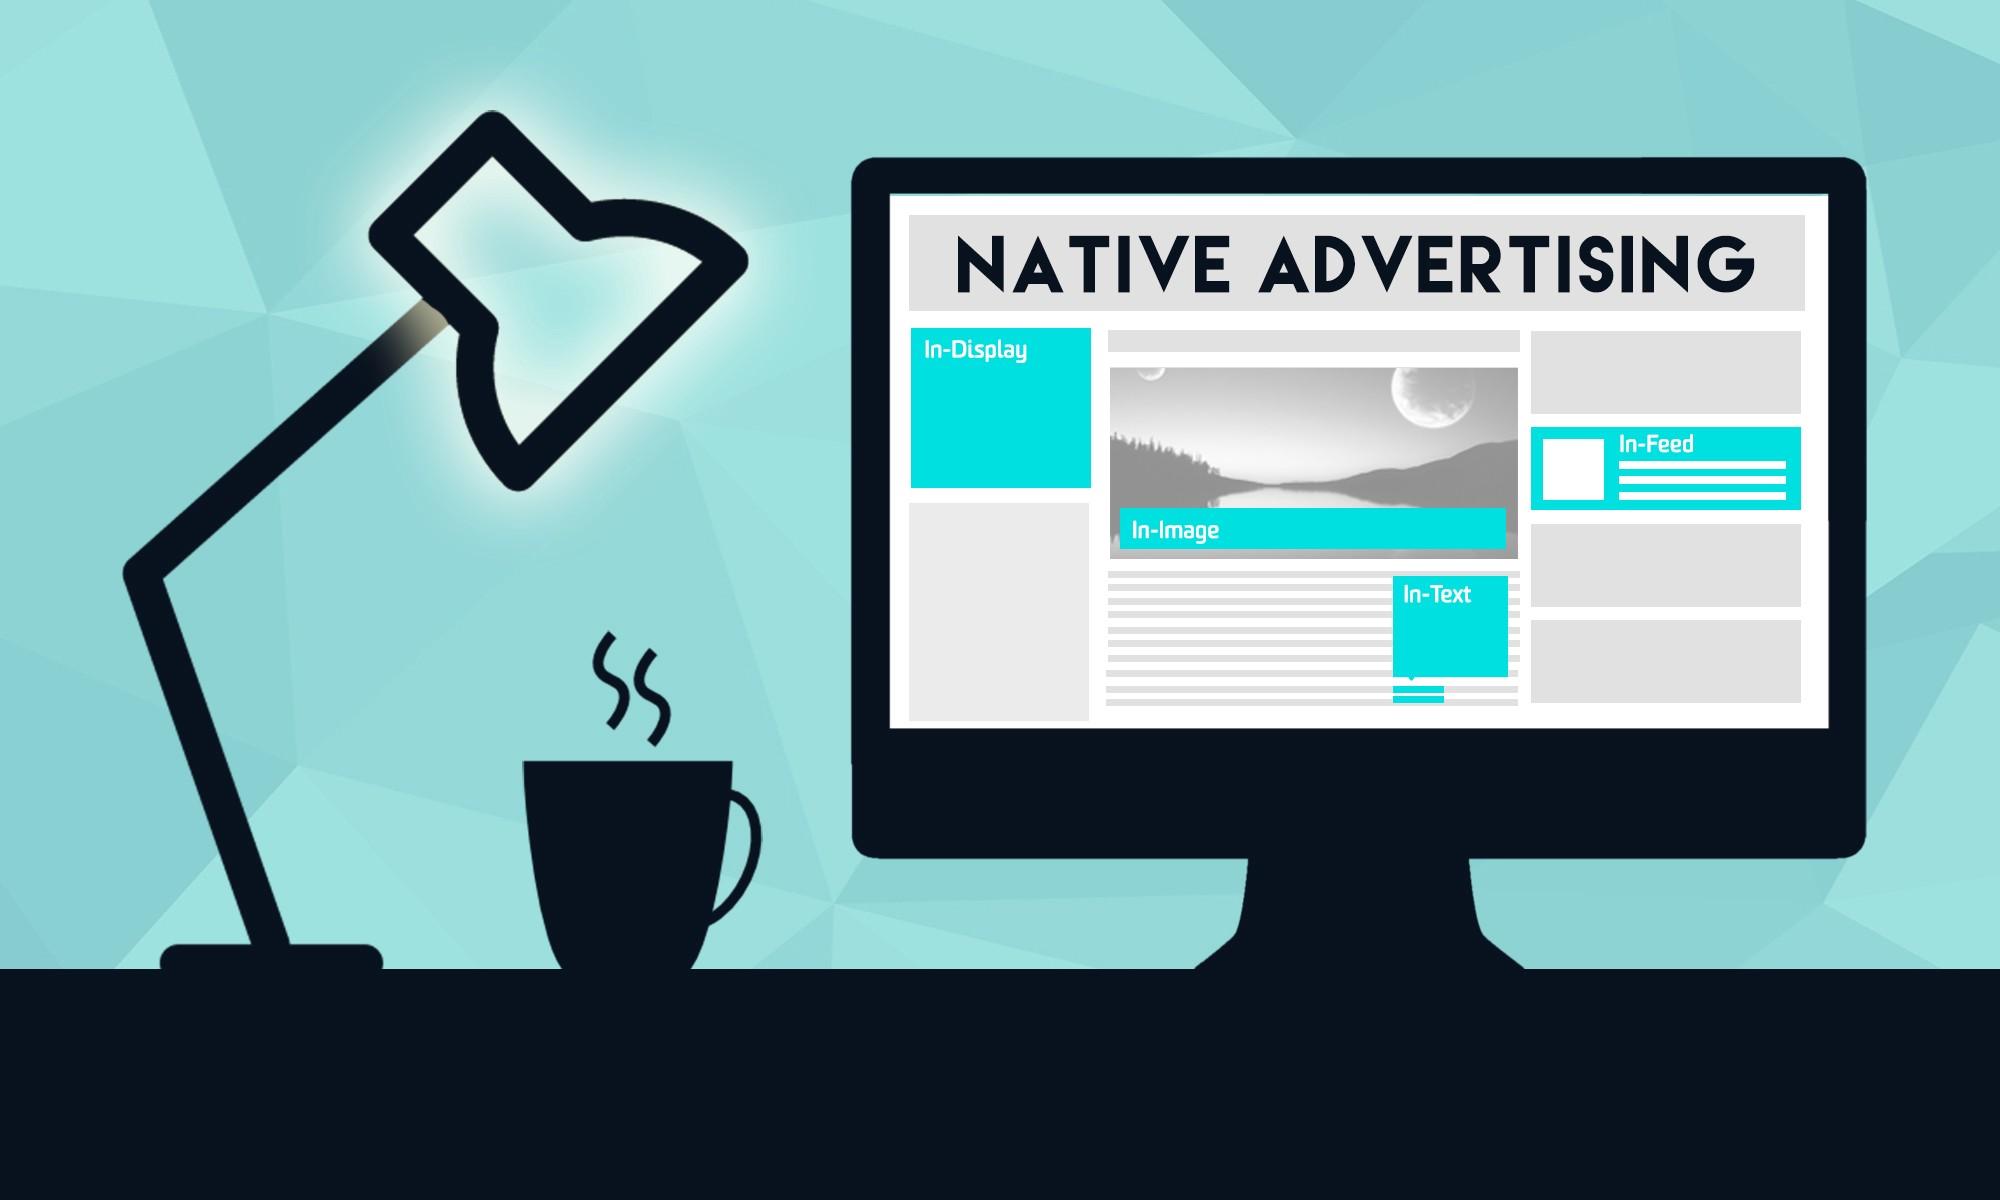 O que são anúncios nativos Ads?